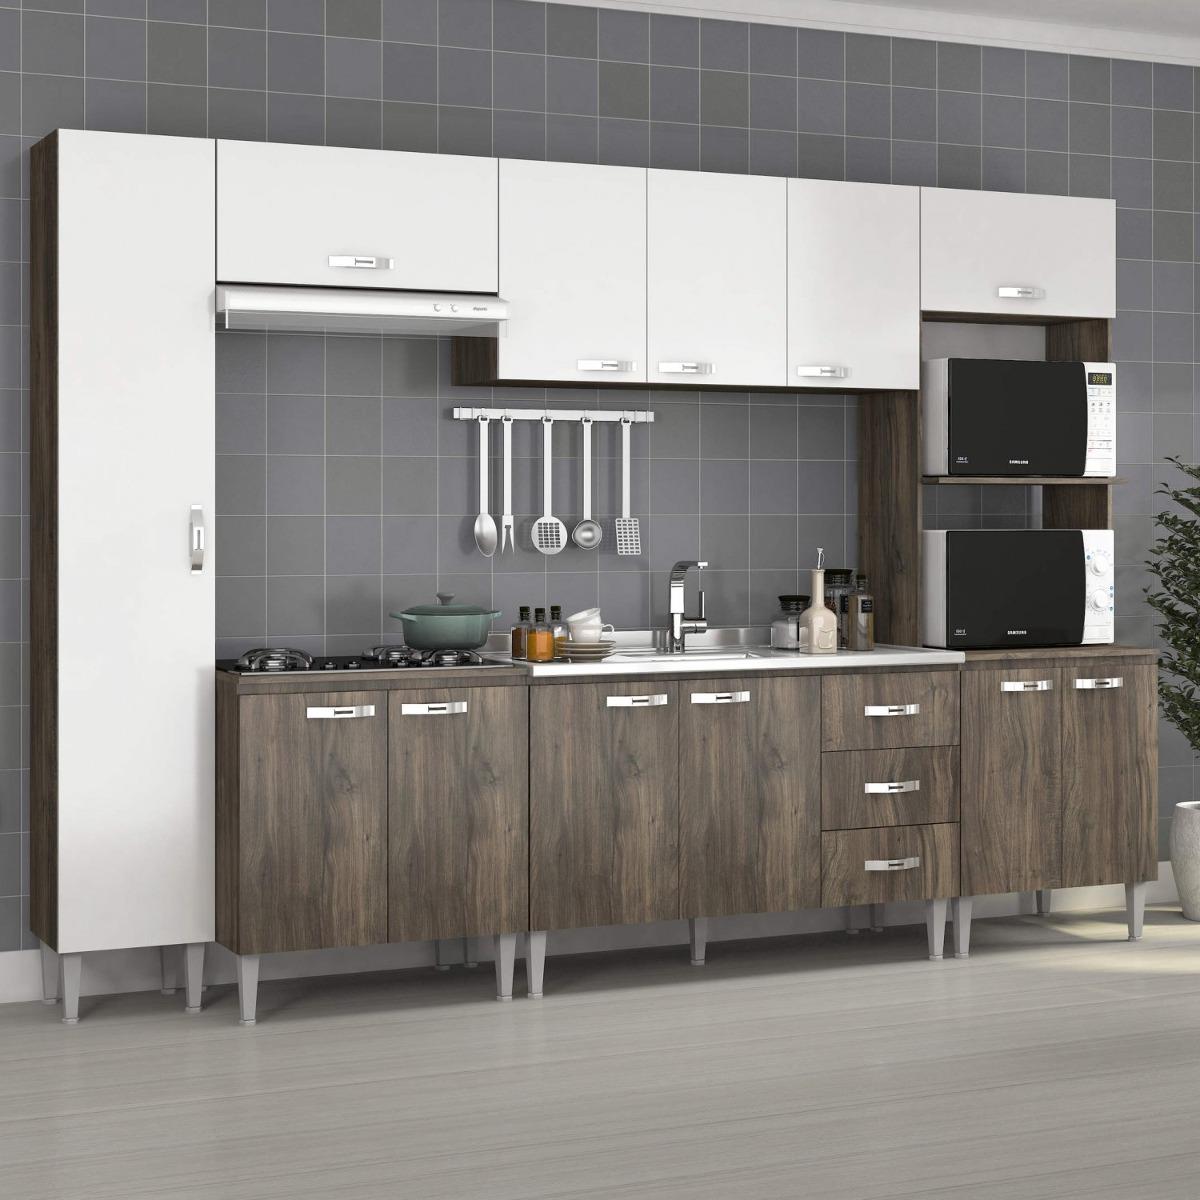 Cozinha Completa Com Balc O Sem Pia 6 Pe As 12 Hb R 1 179 90 Em